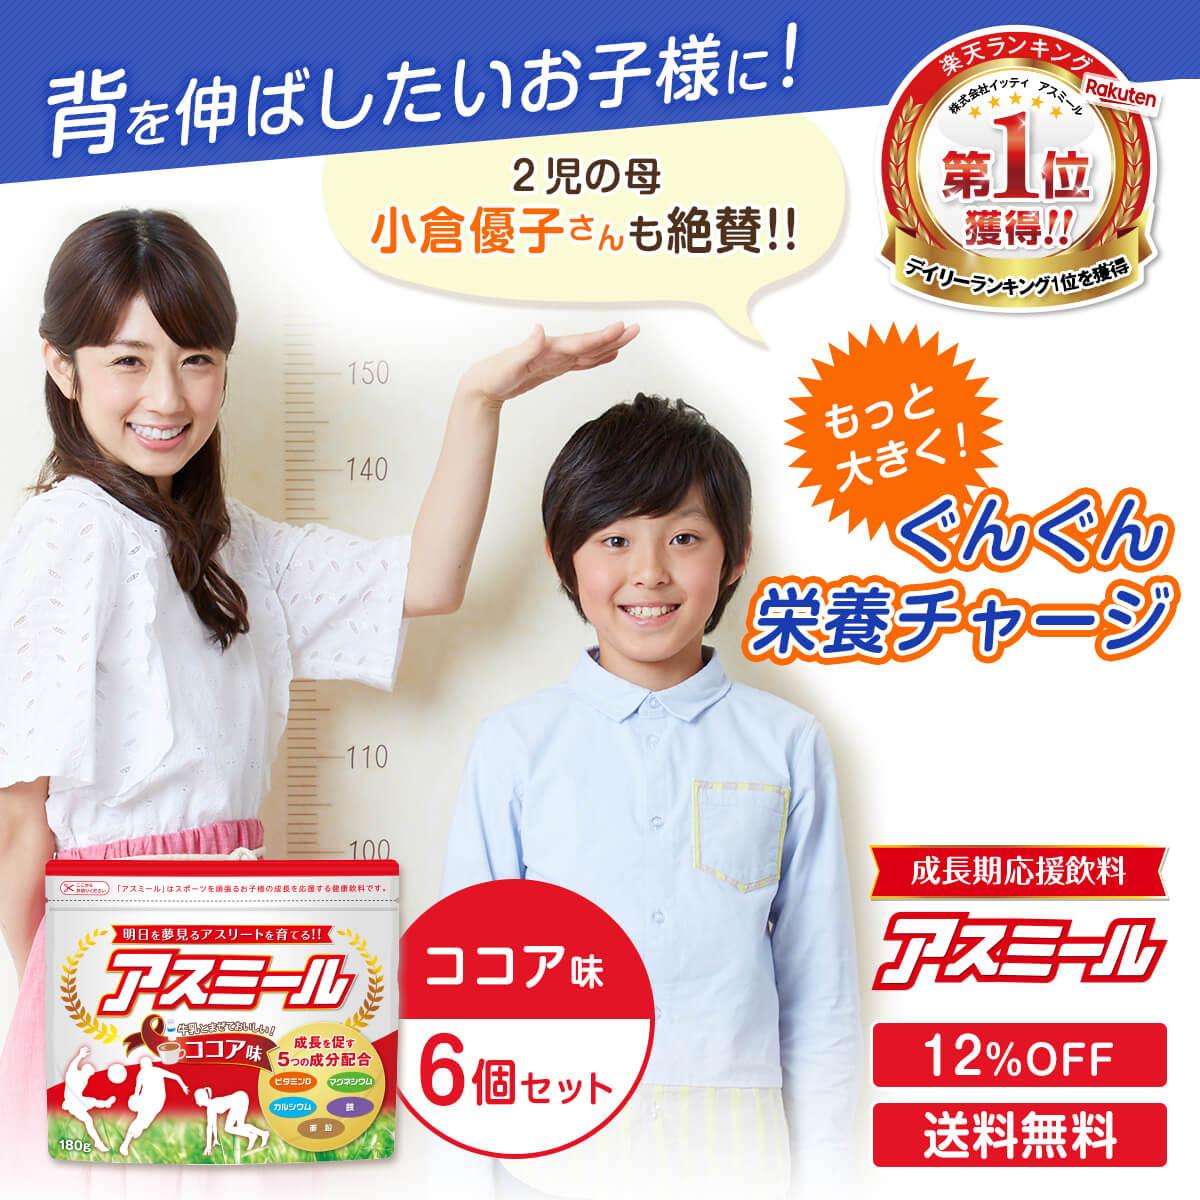 【送料無料】アスミール6個セット お子様の成長期応援飲料